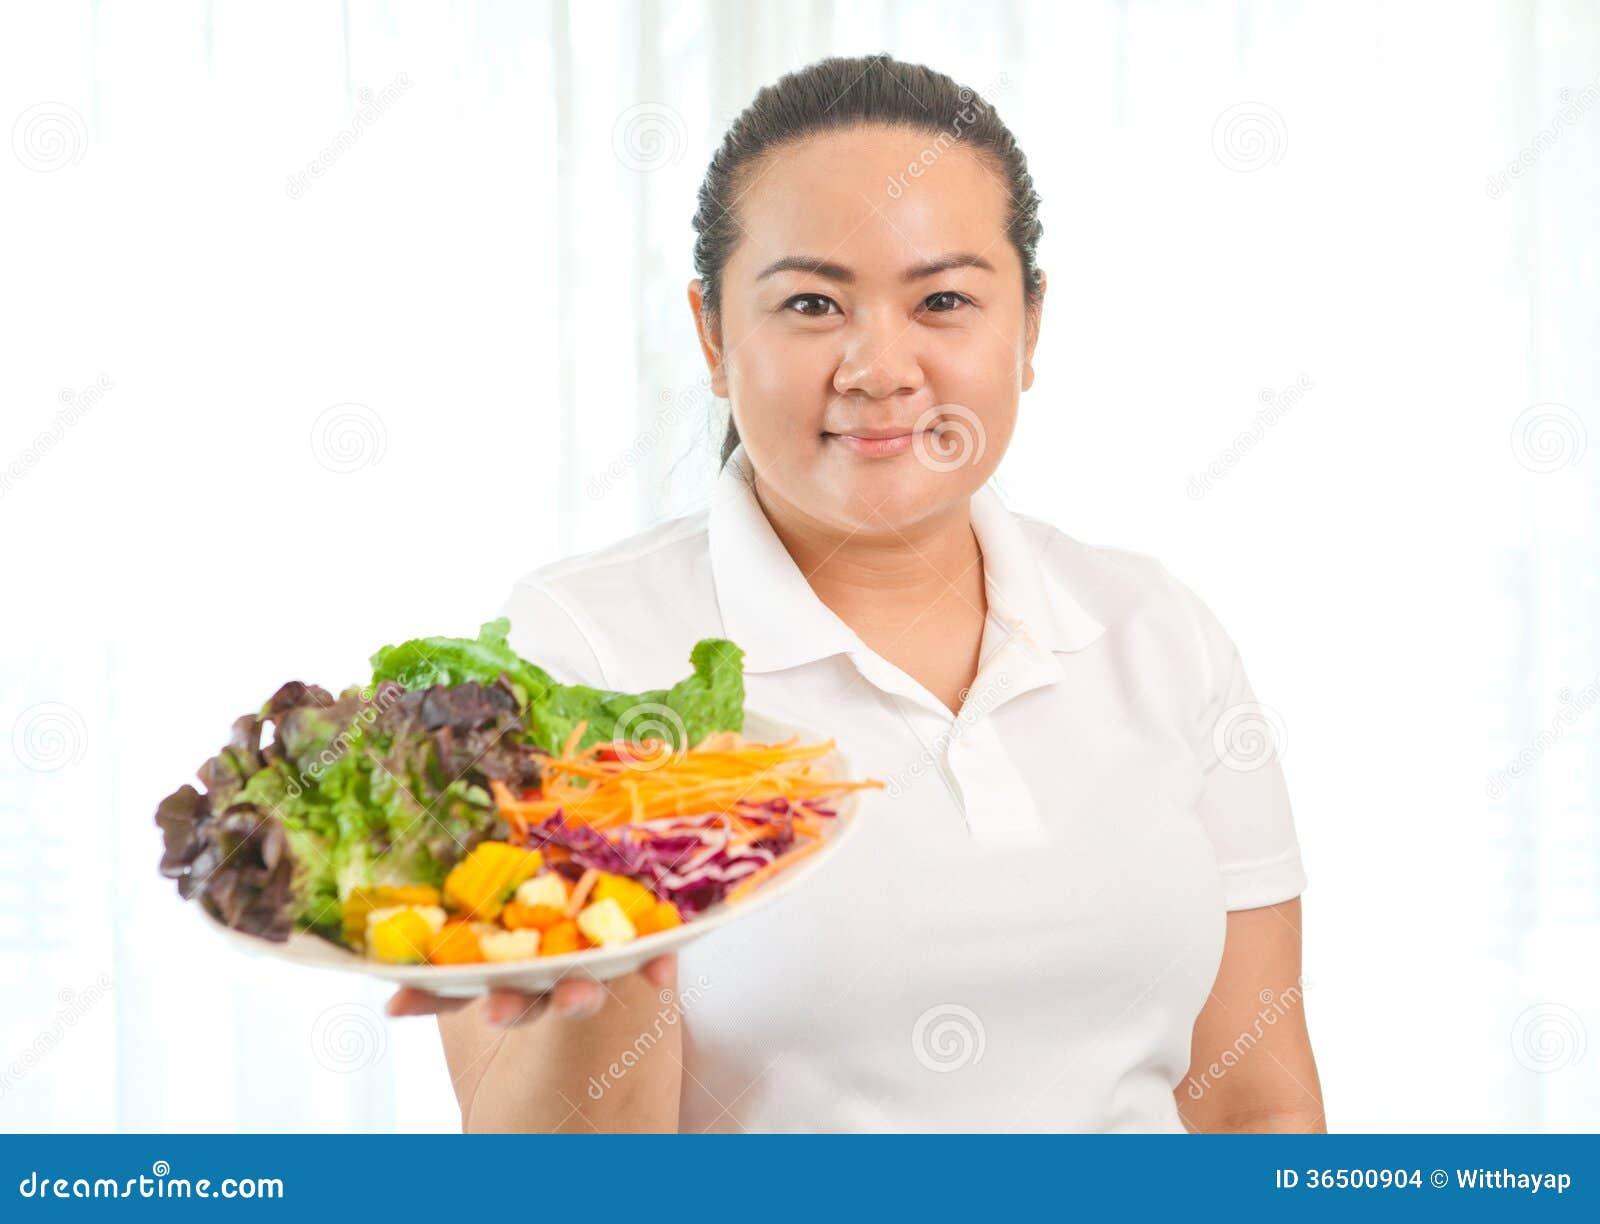 Grosse femme mangeant de la salade